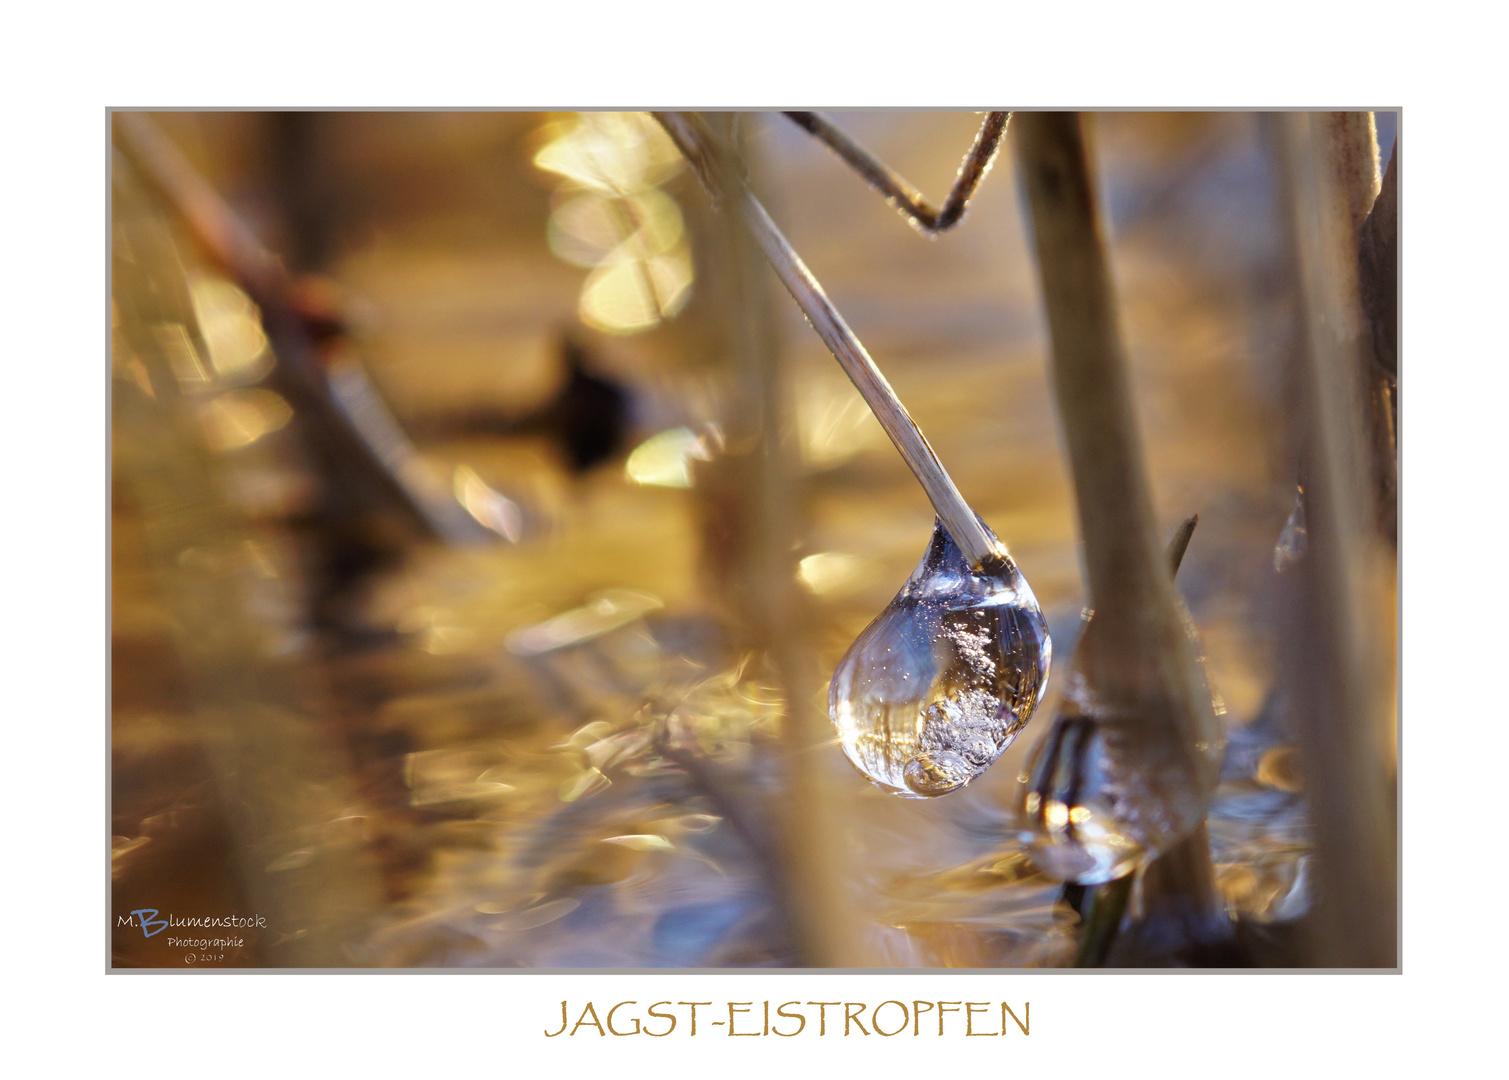 JAGST-EISTROPFEN